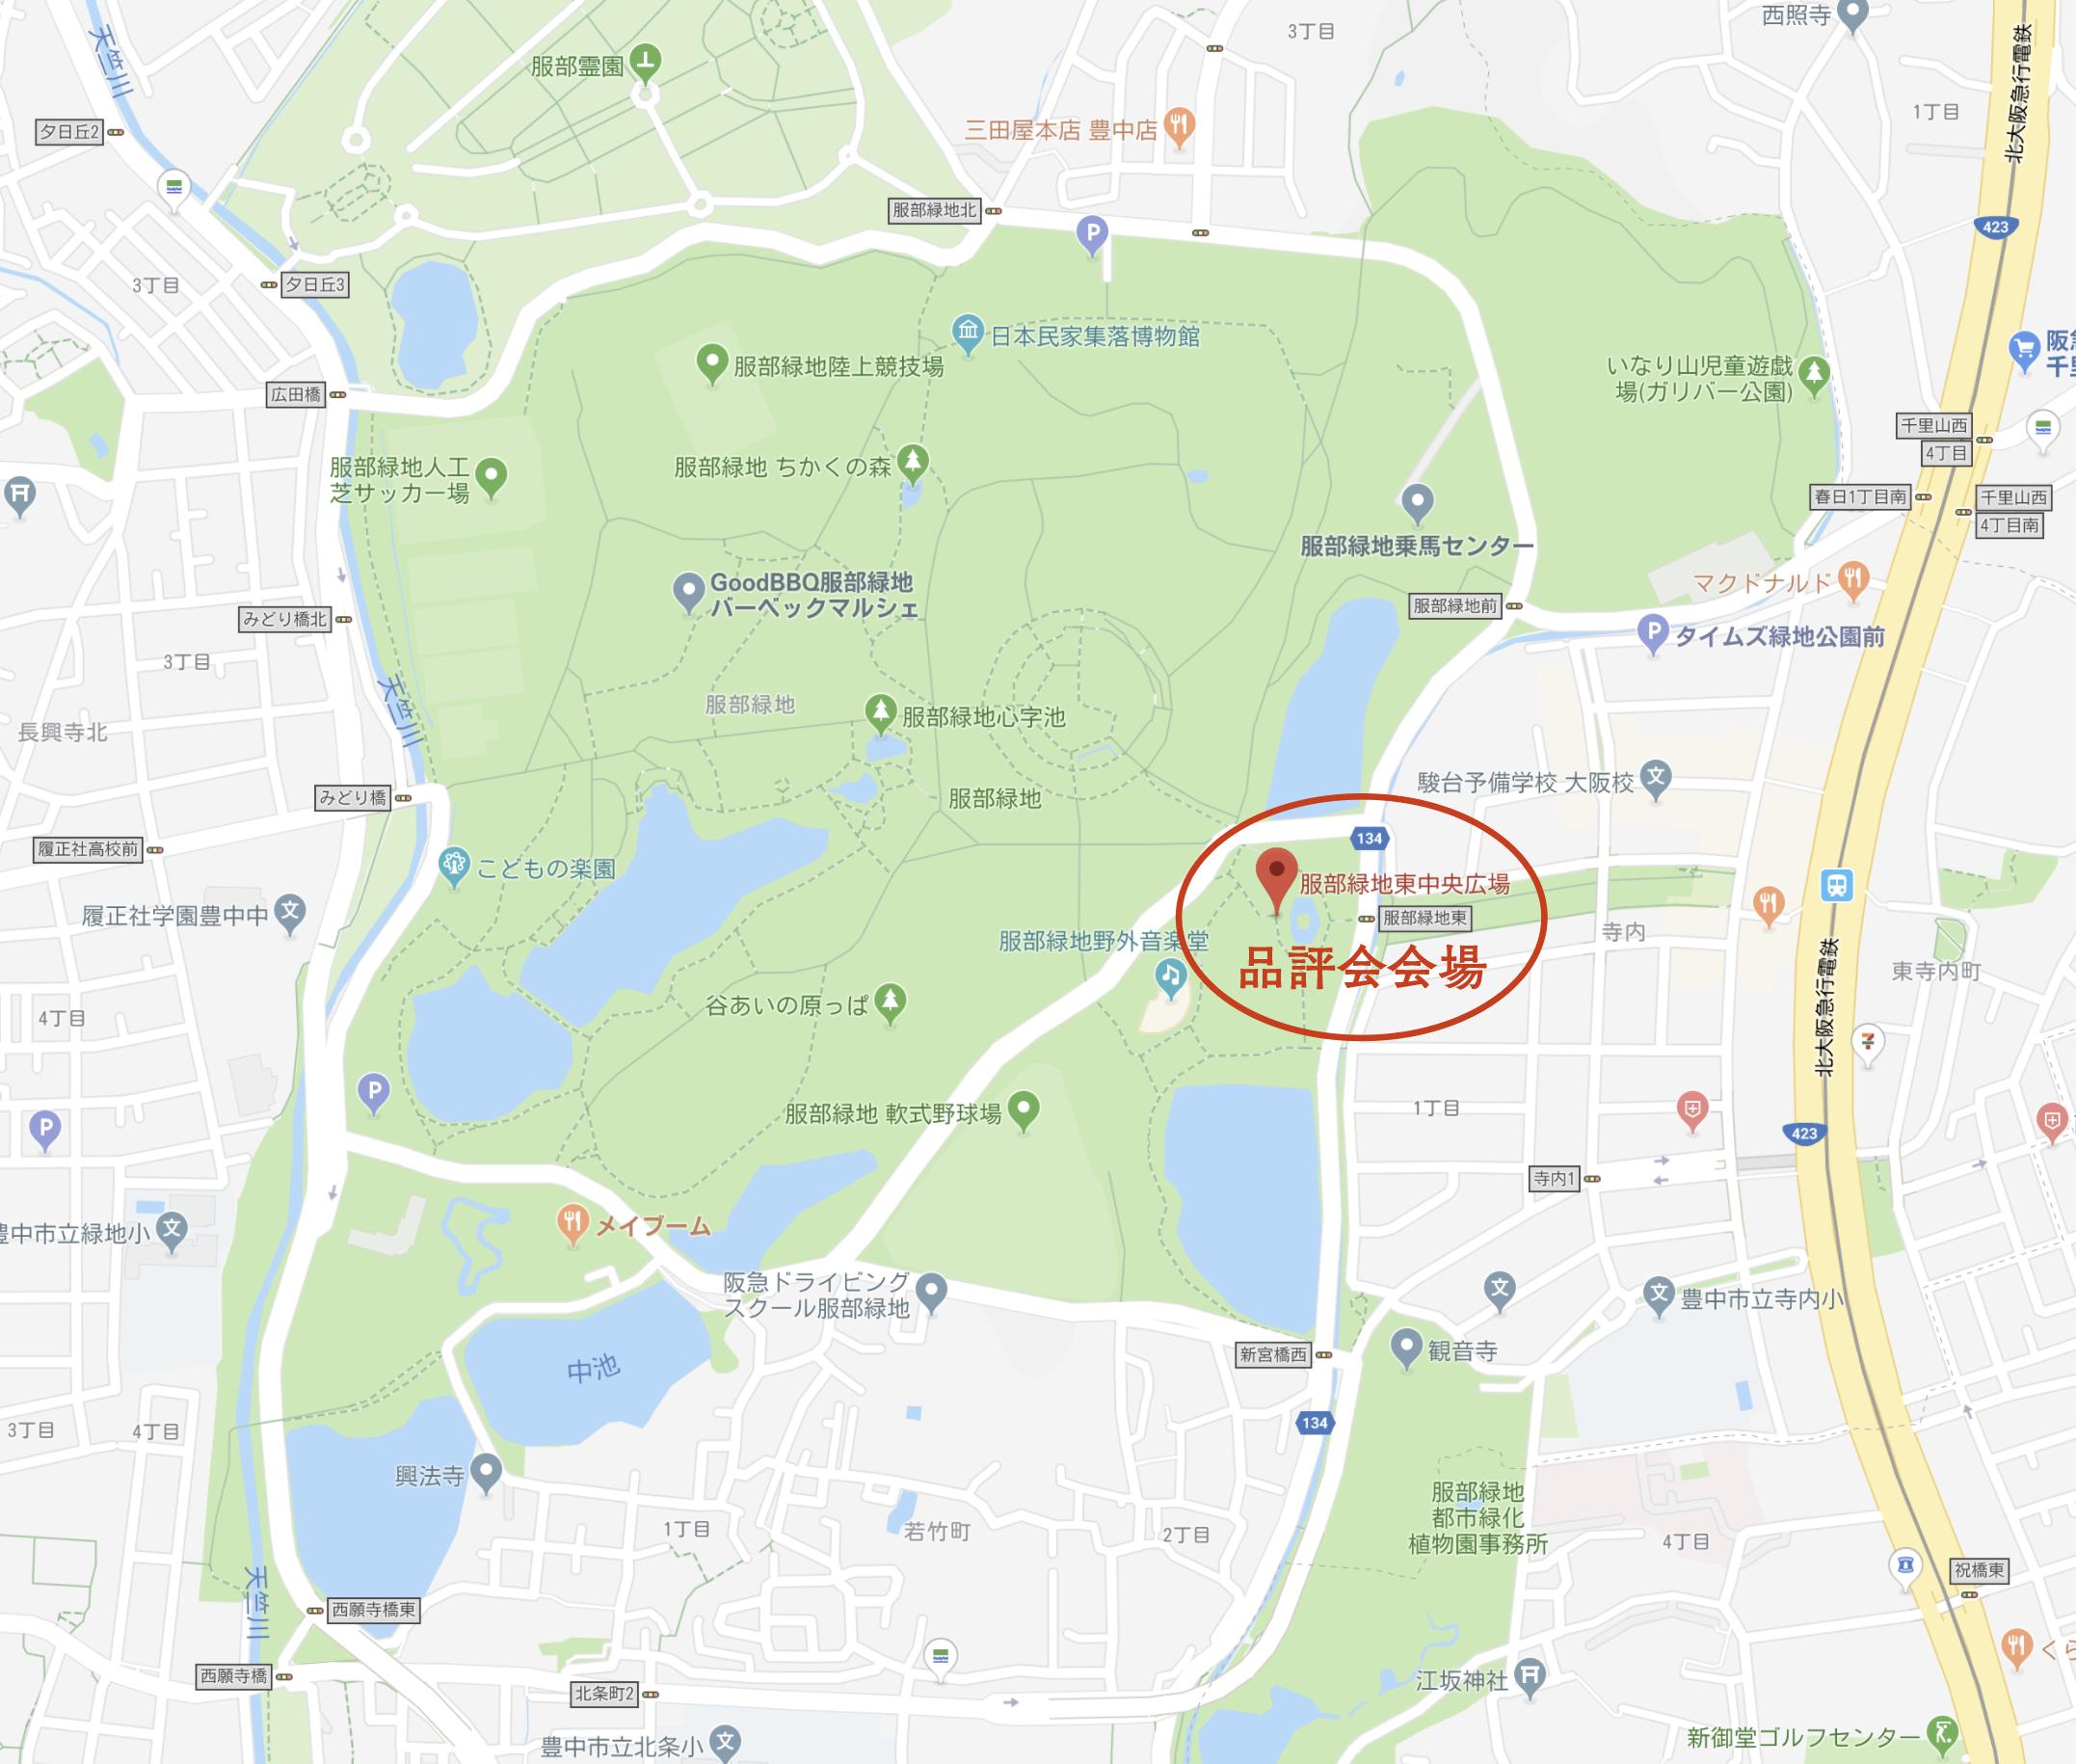 服部緑地 東中央広場 品評会会場